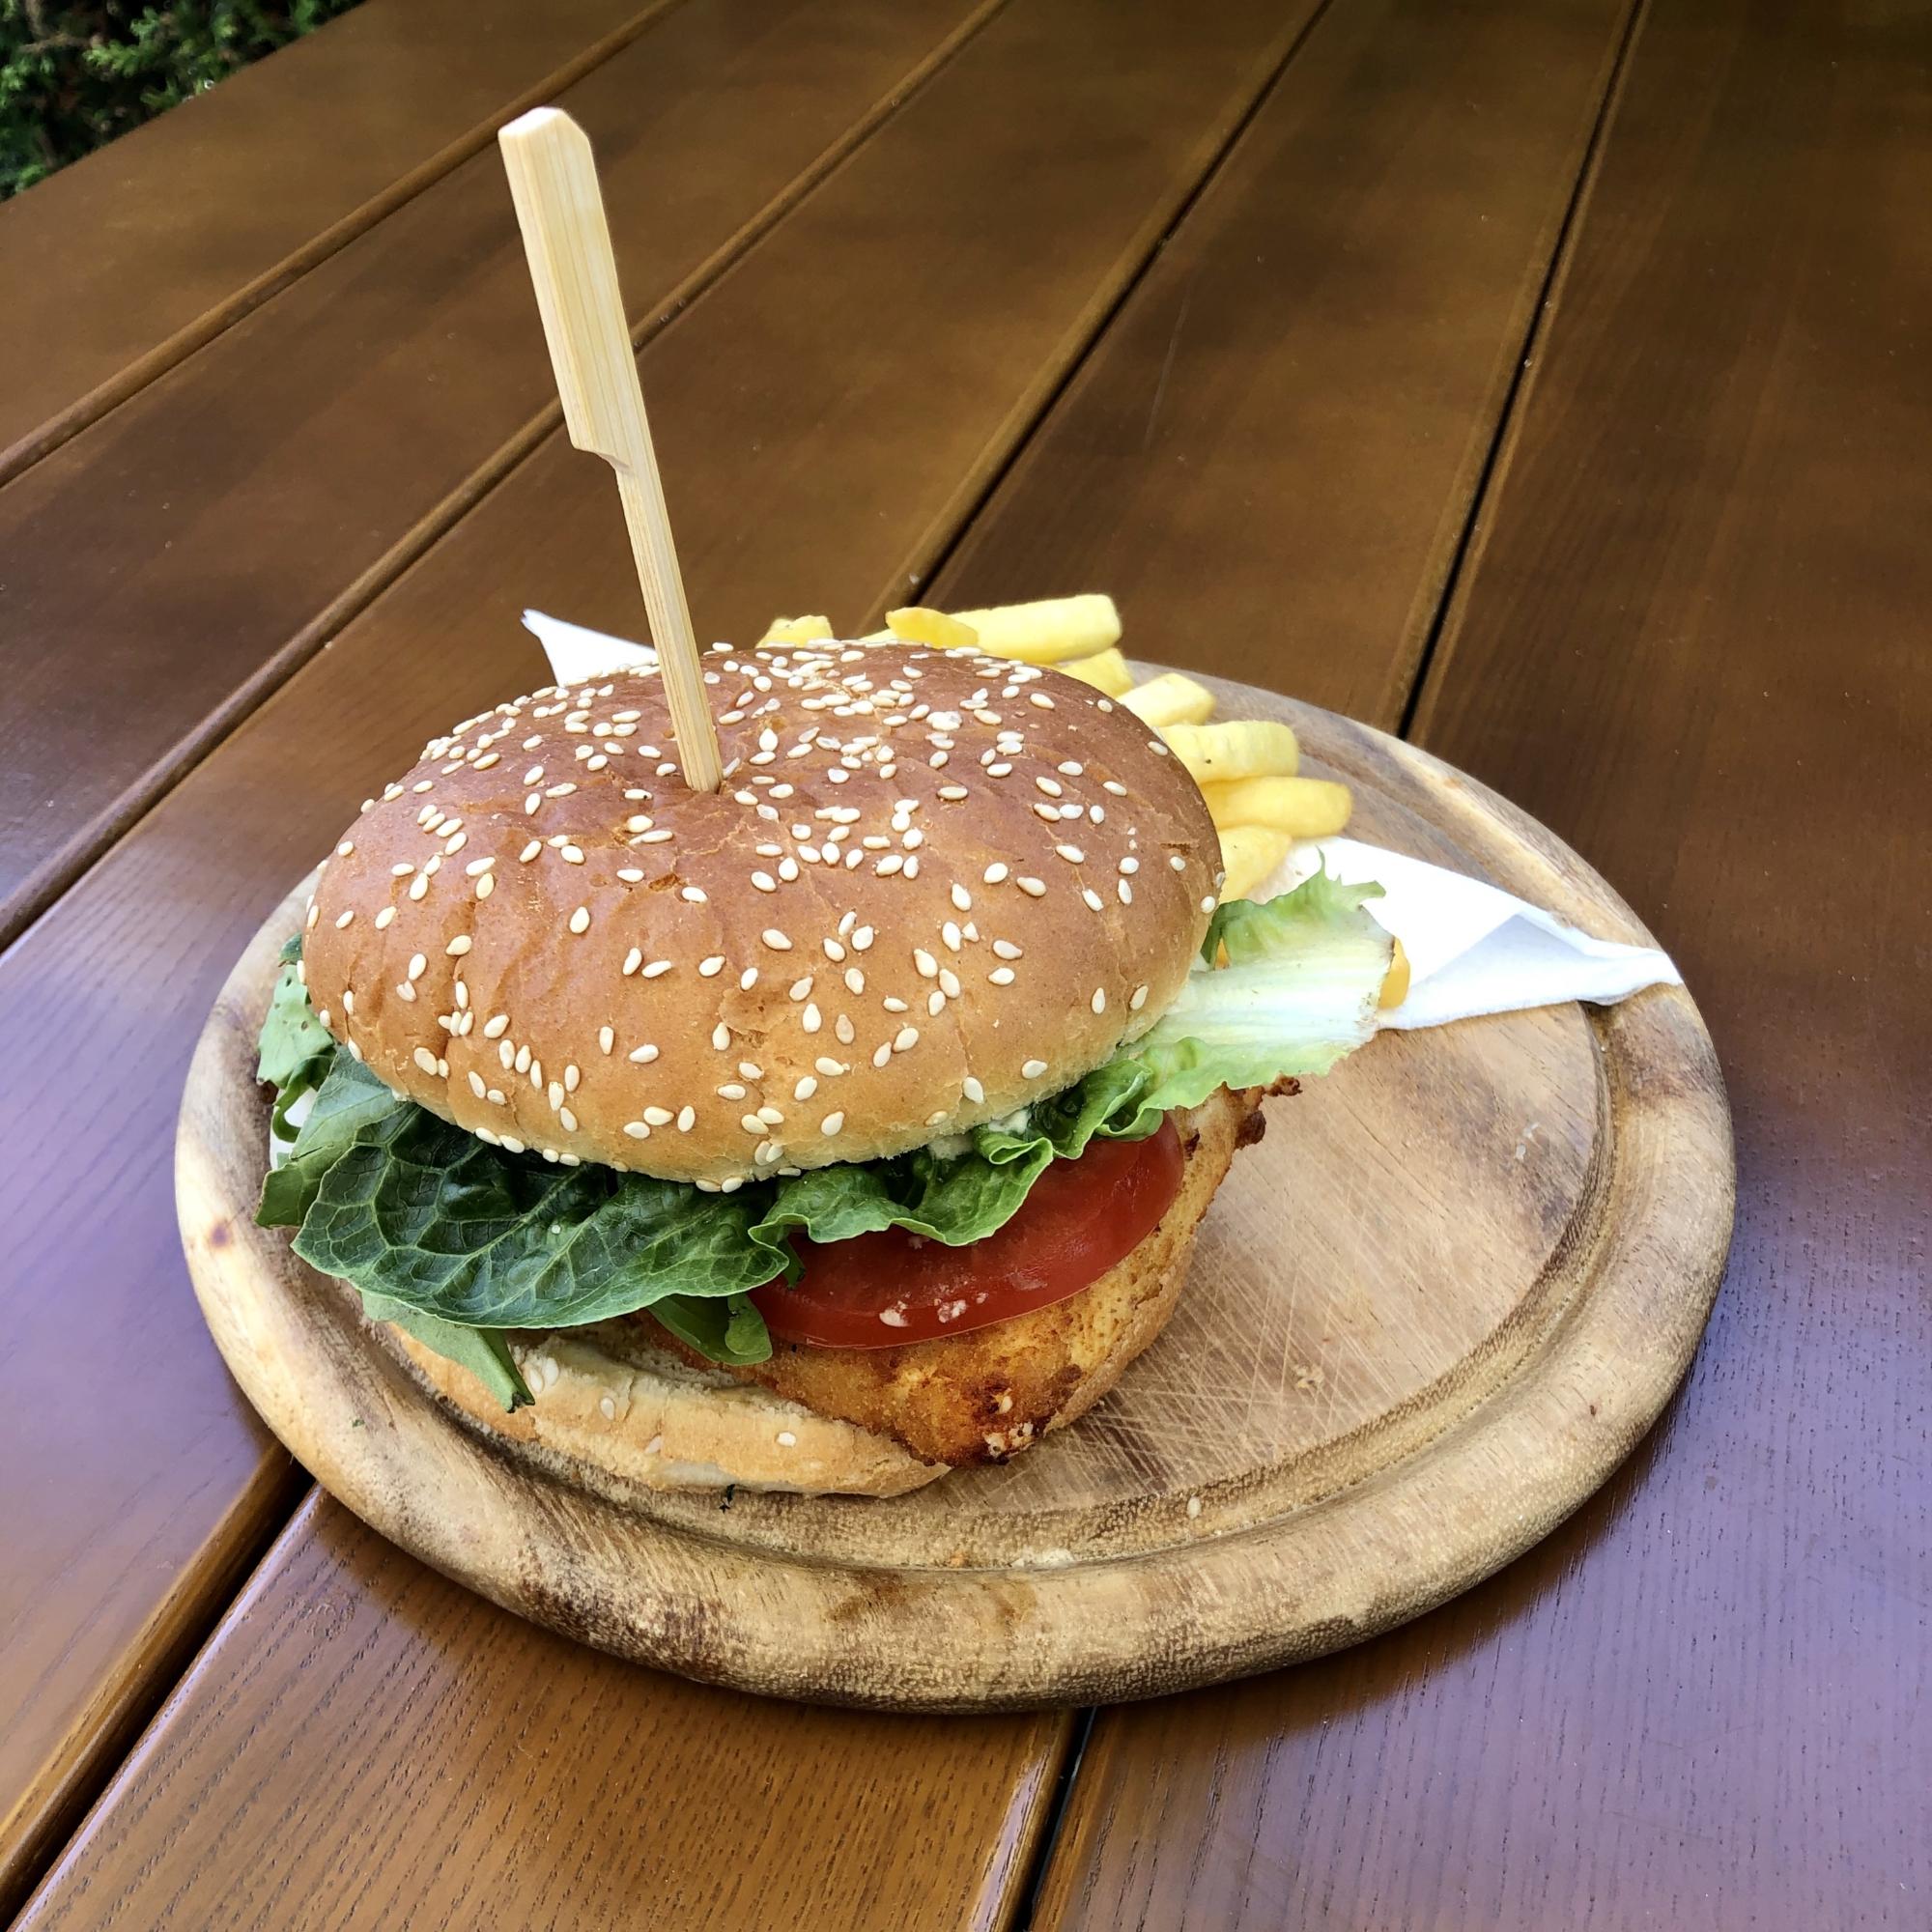 Mein-Wedel-Grieche-Wedel-Taverna-Plaka-Saganaki-Burger-vegetarisch